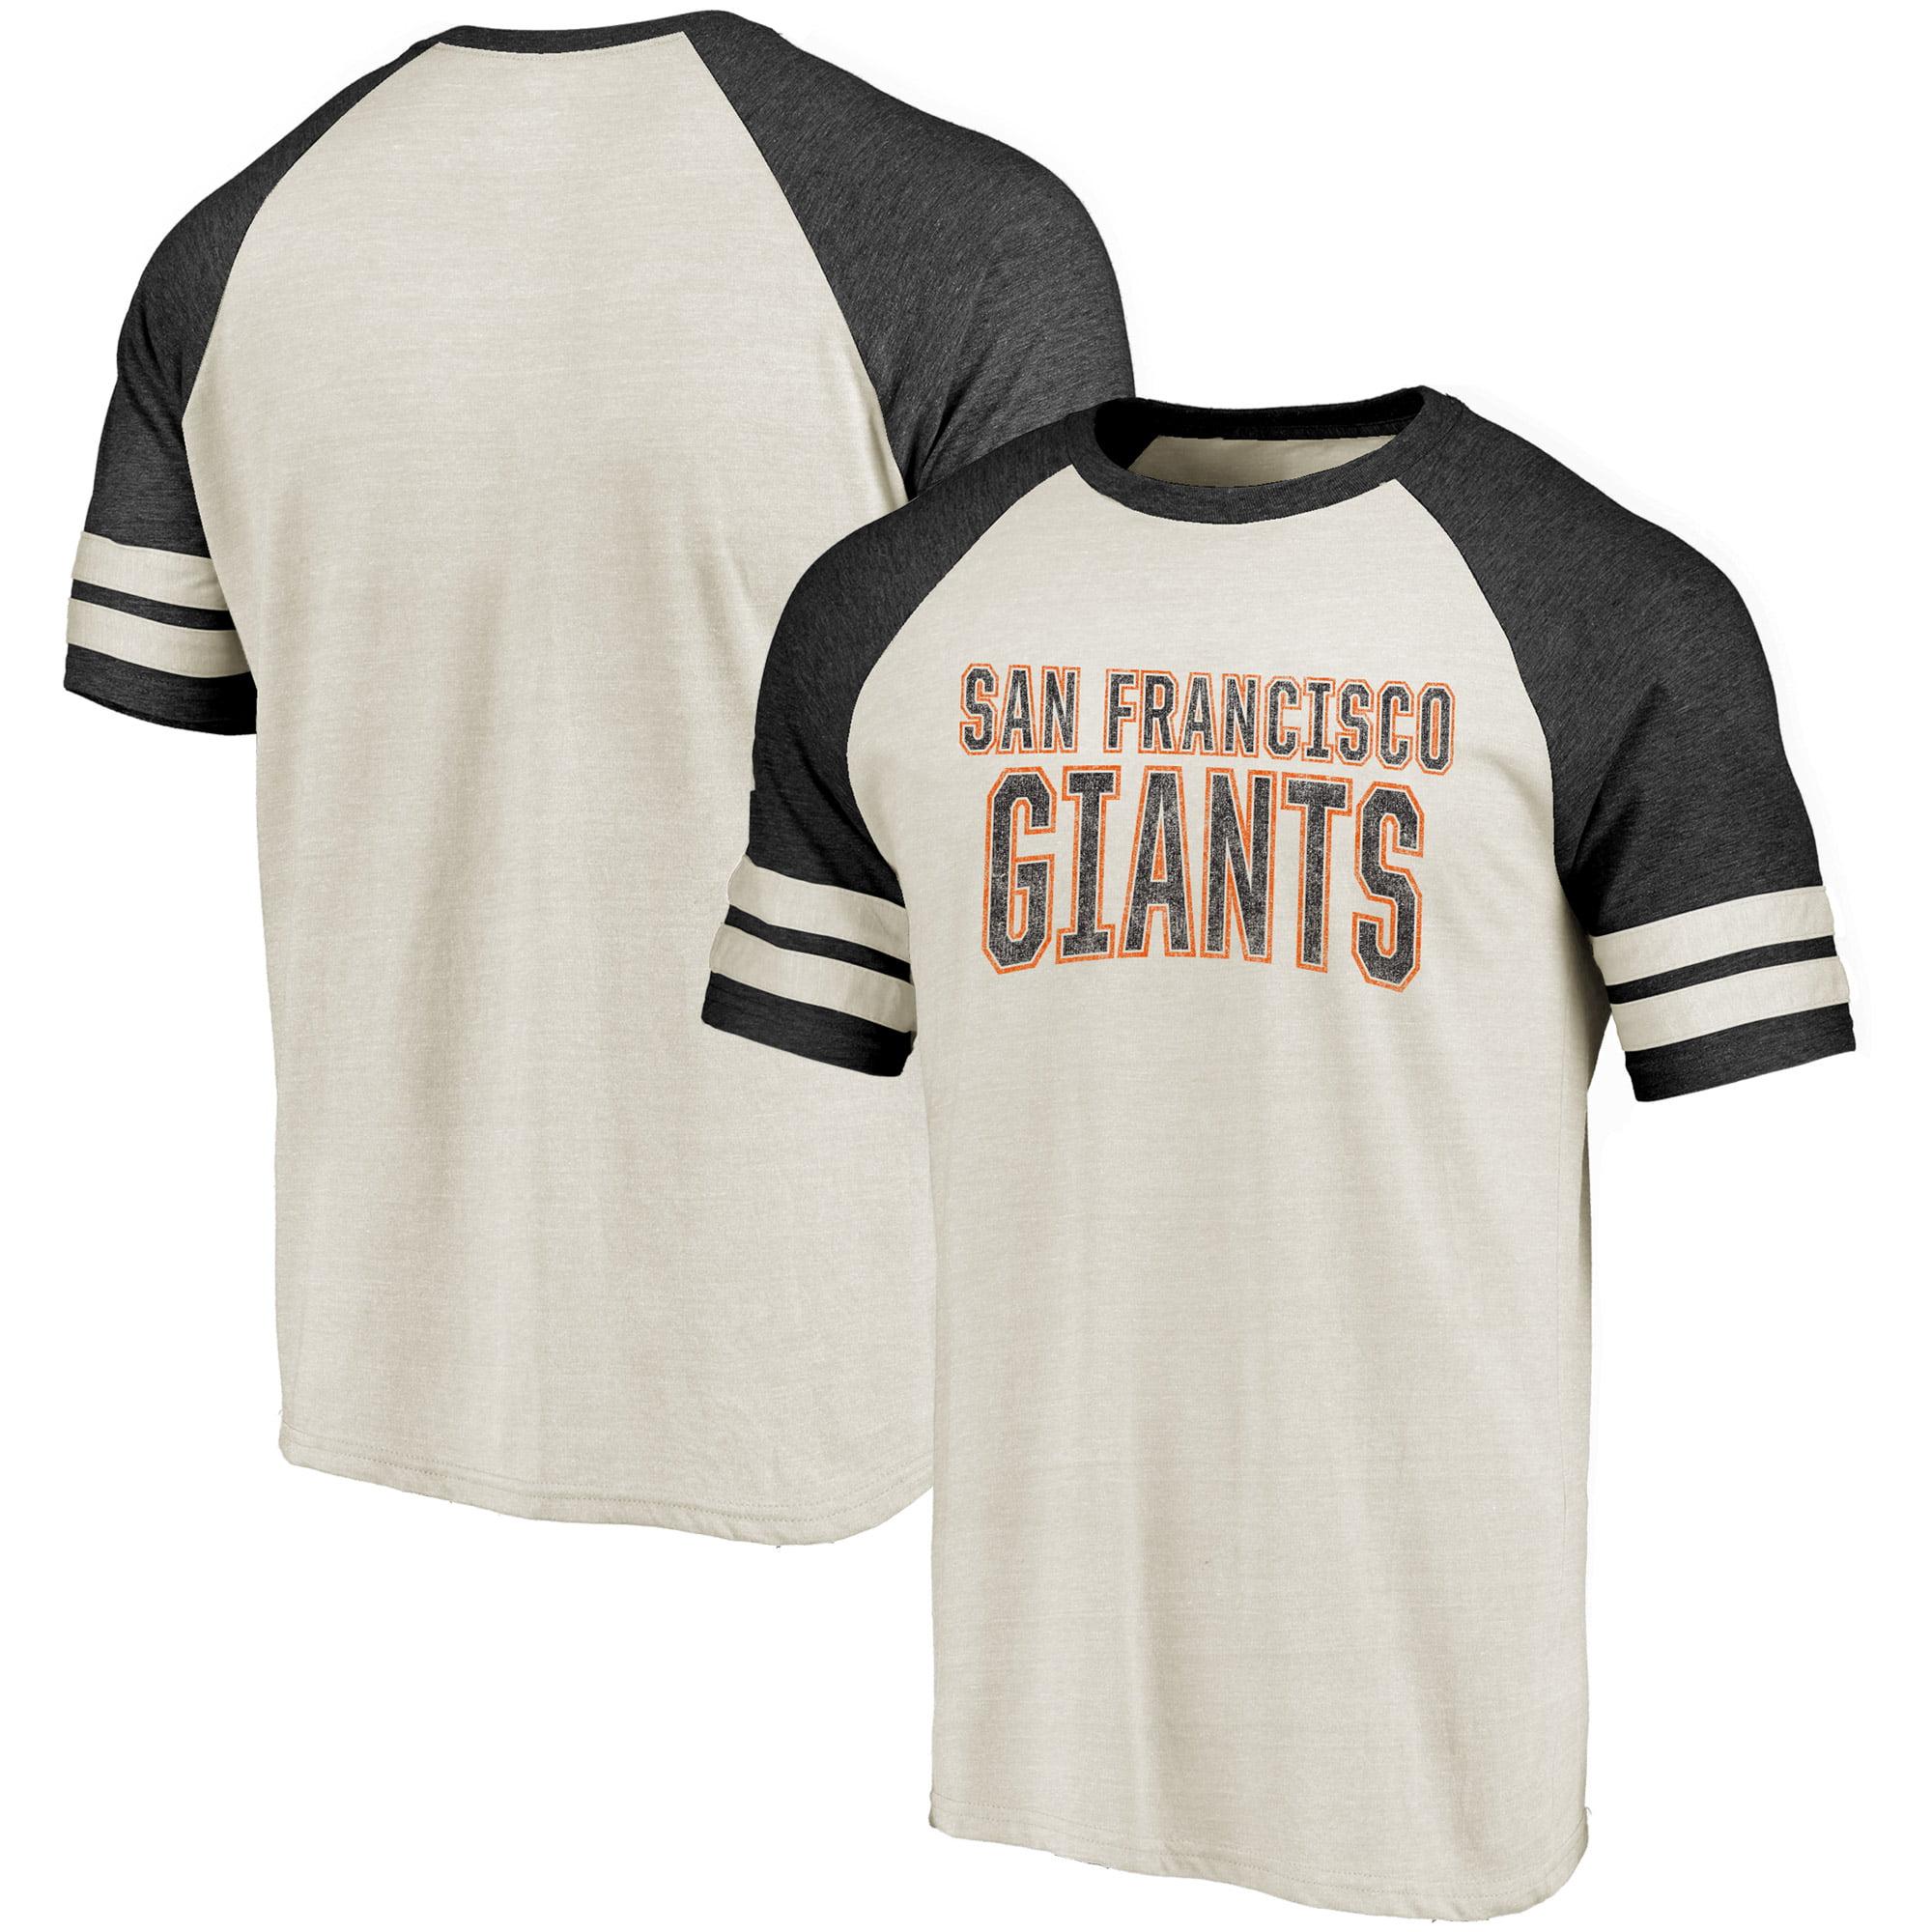 San Francisco Giants Fanatics Branded True Classics Colorblock Raglan T-Shirt - Cream/Black